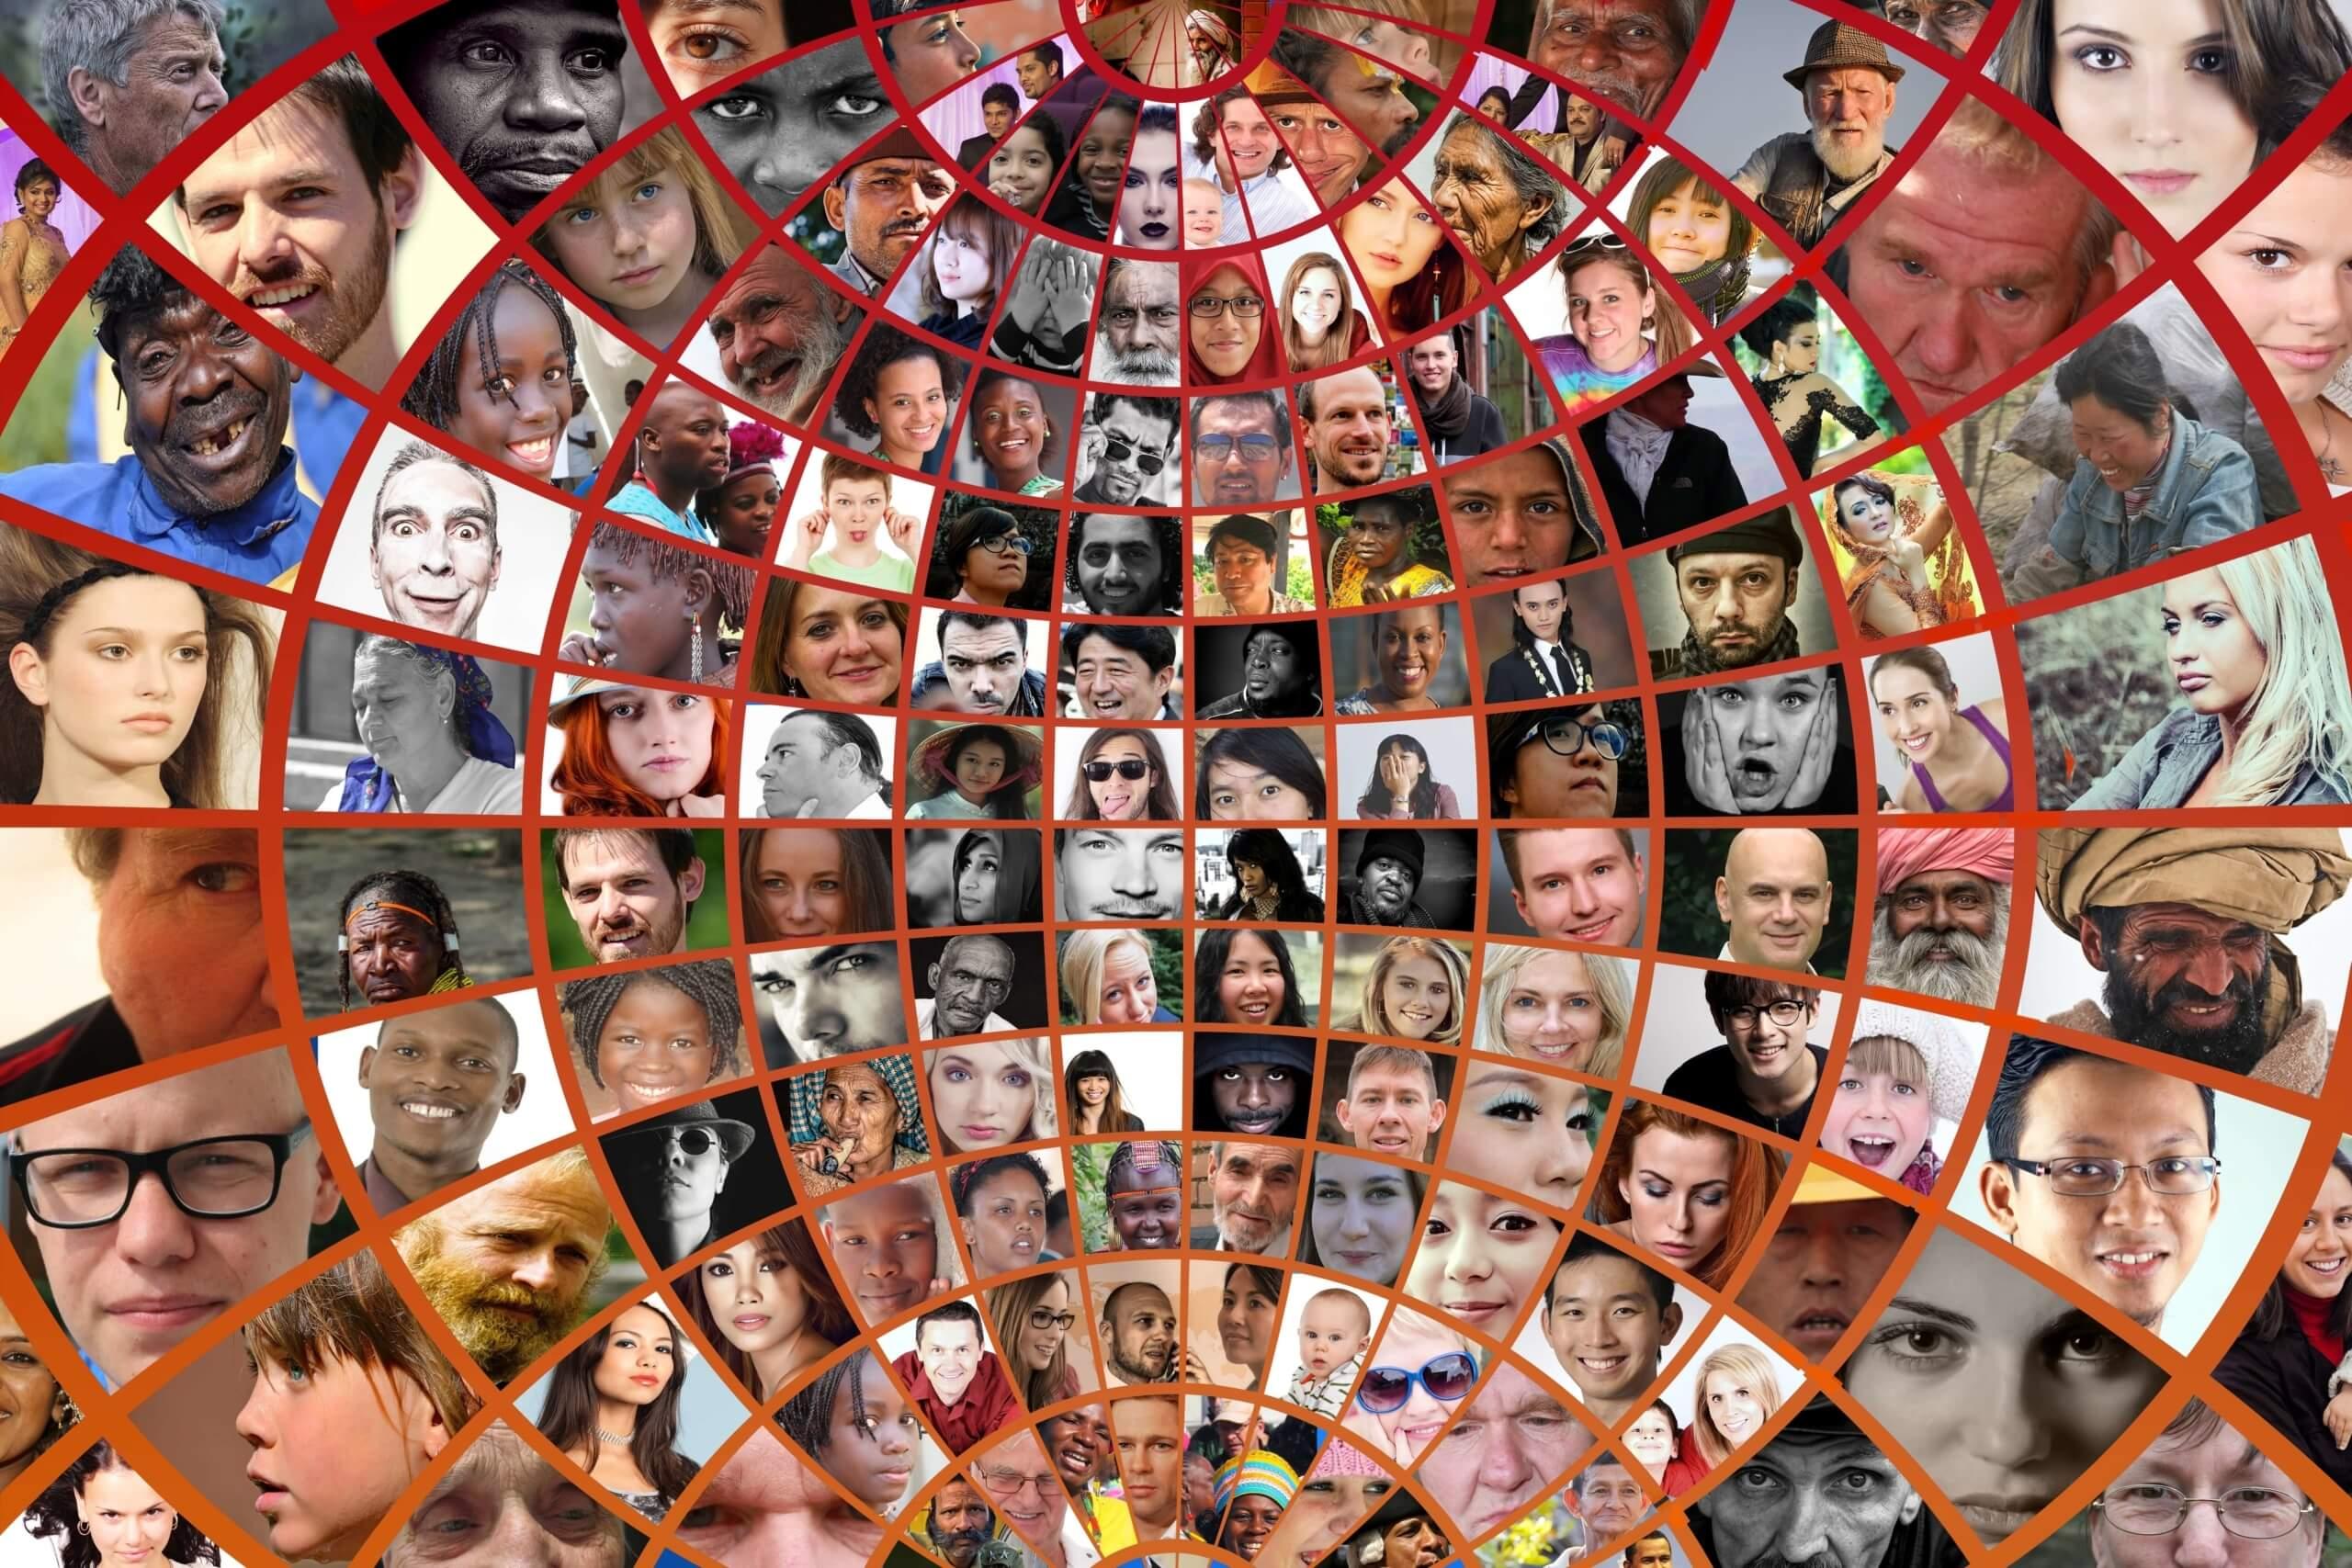 Die Summe der Überzeugungen und Talente Ihrer Mitarbeiter macht die Vielfalt im Unternehmen aus (c) geralt / pixabay.de